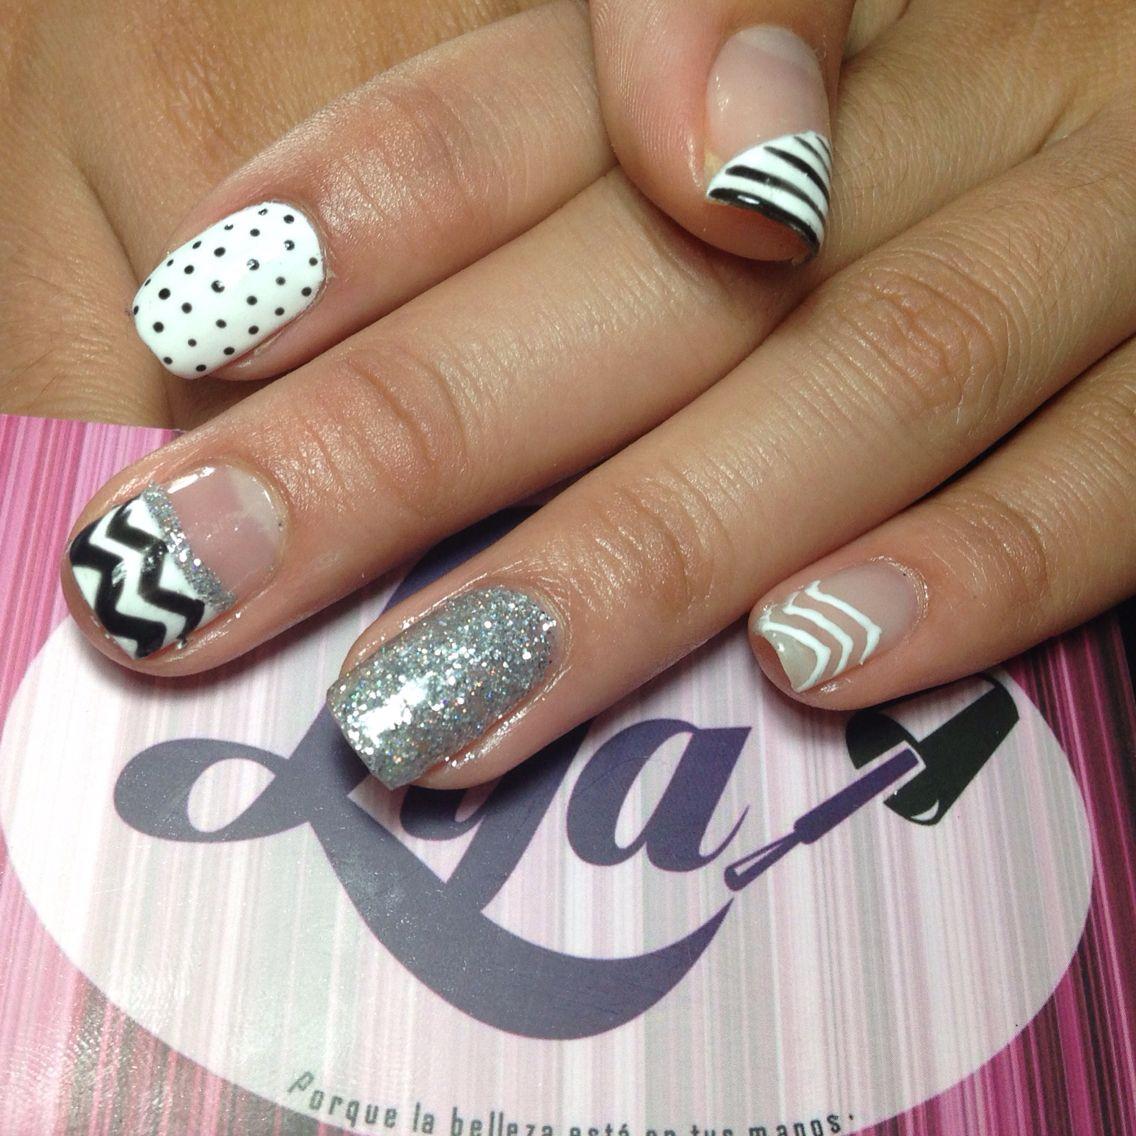 Decoración de uñas gelish blanco y negro. Zigzag a mano alzada ...